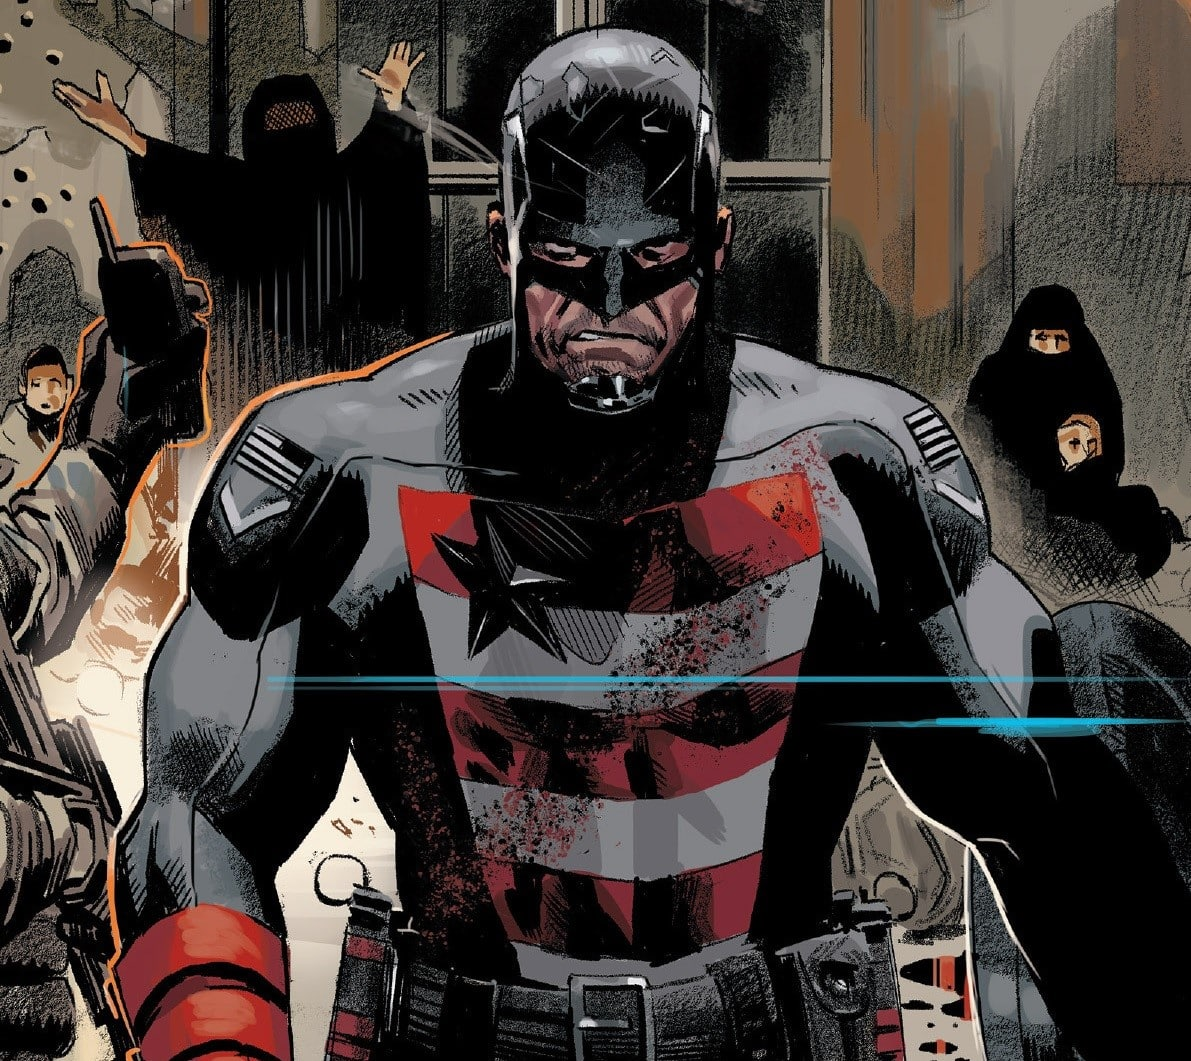 Capitão América - origem e história do personagem nos quadrinhos